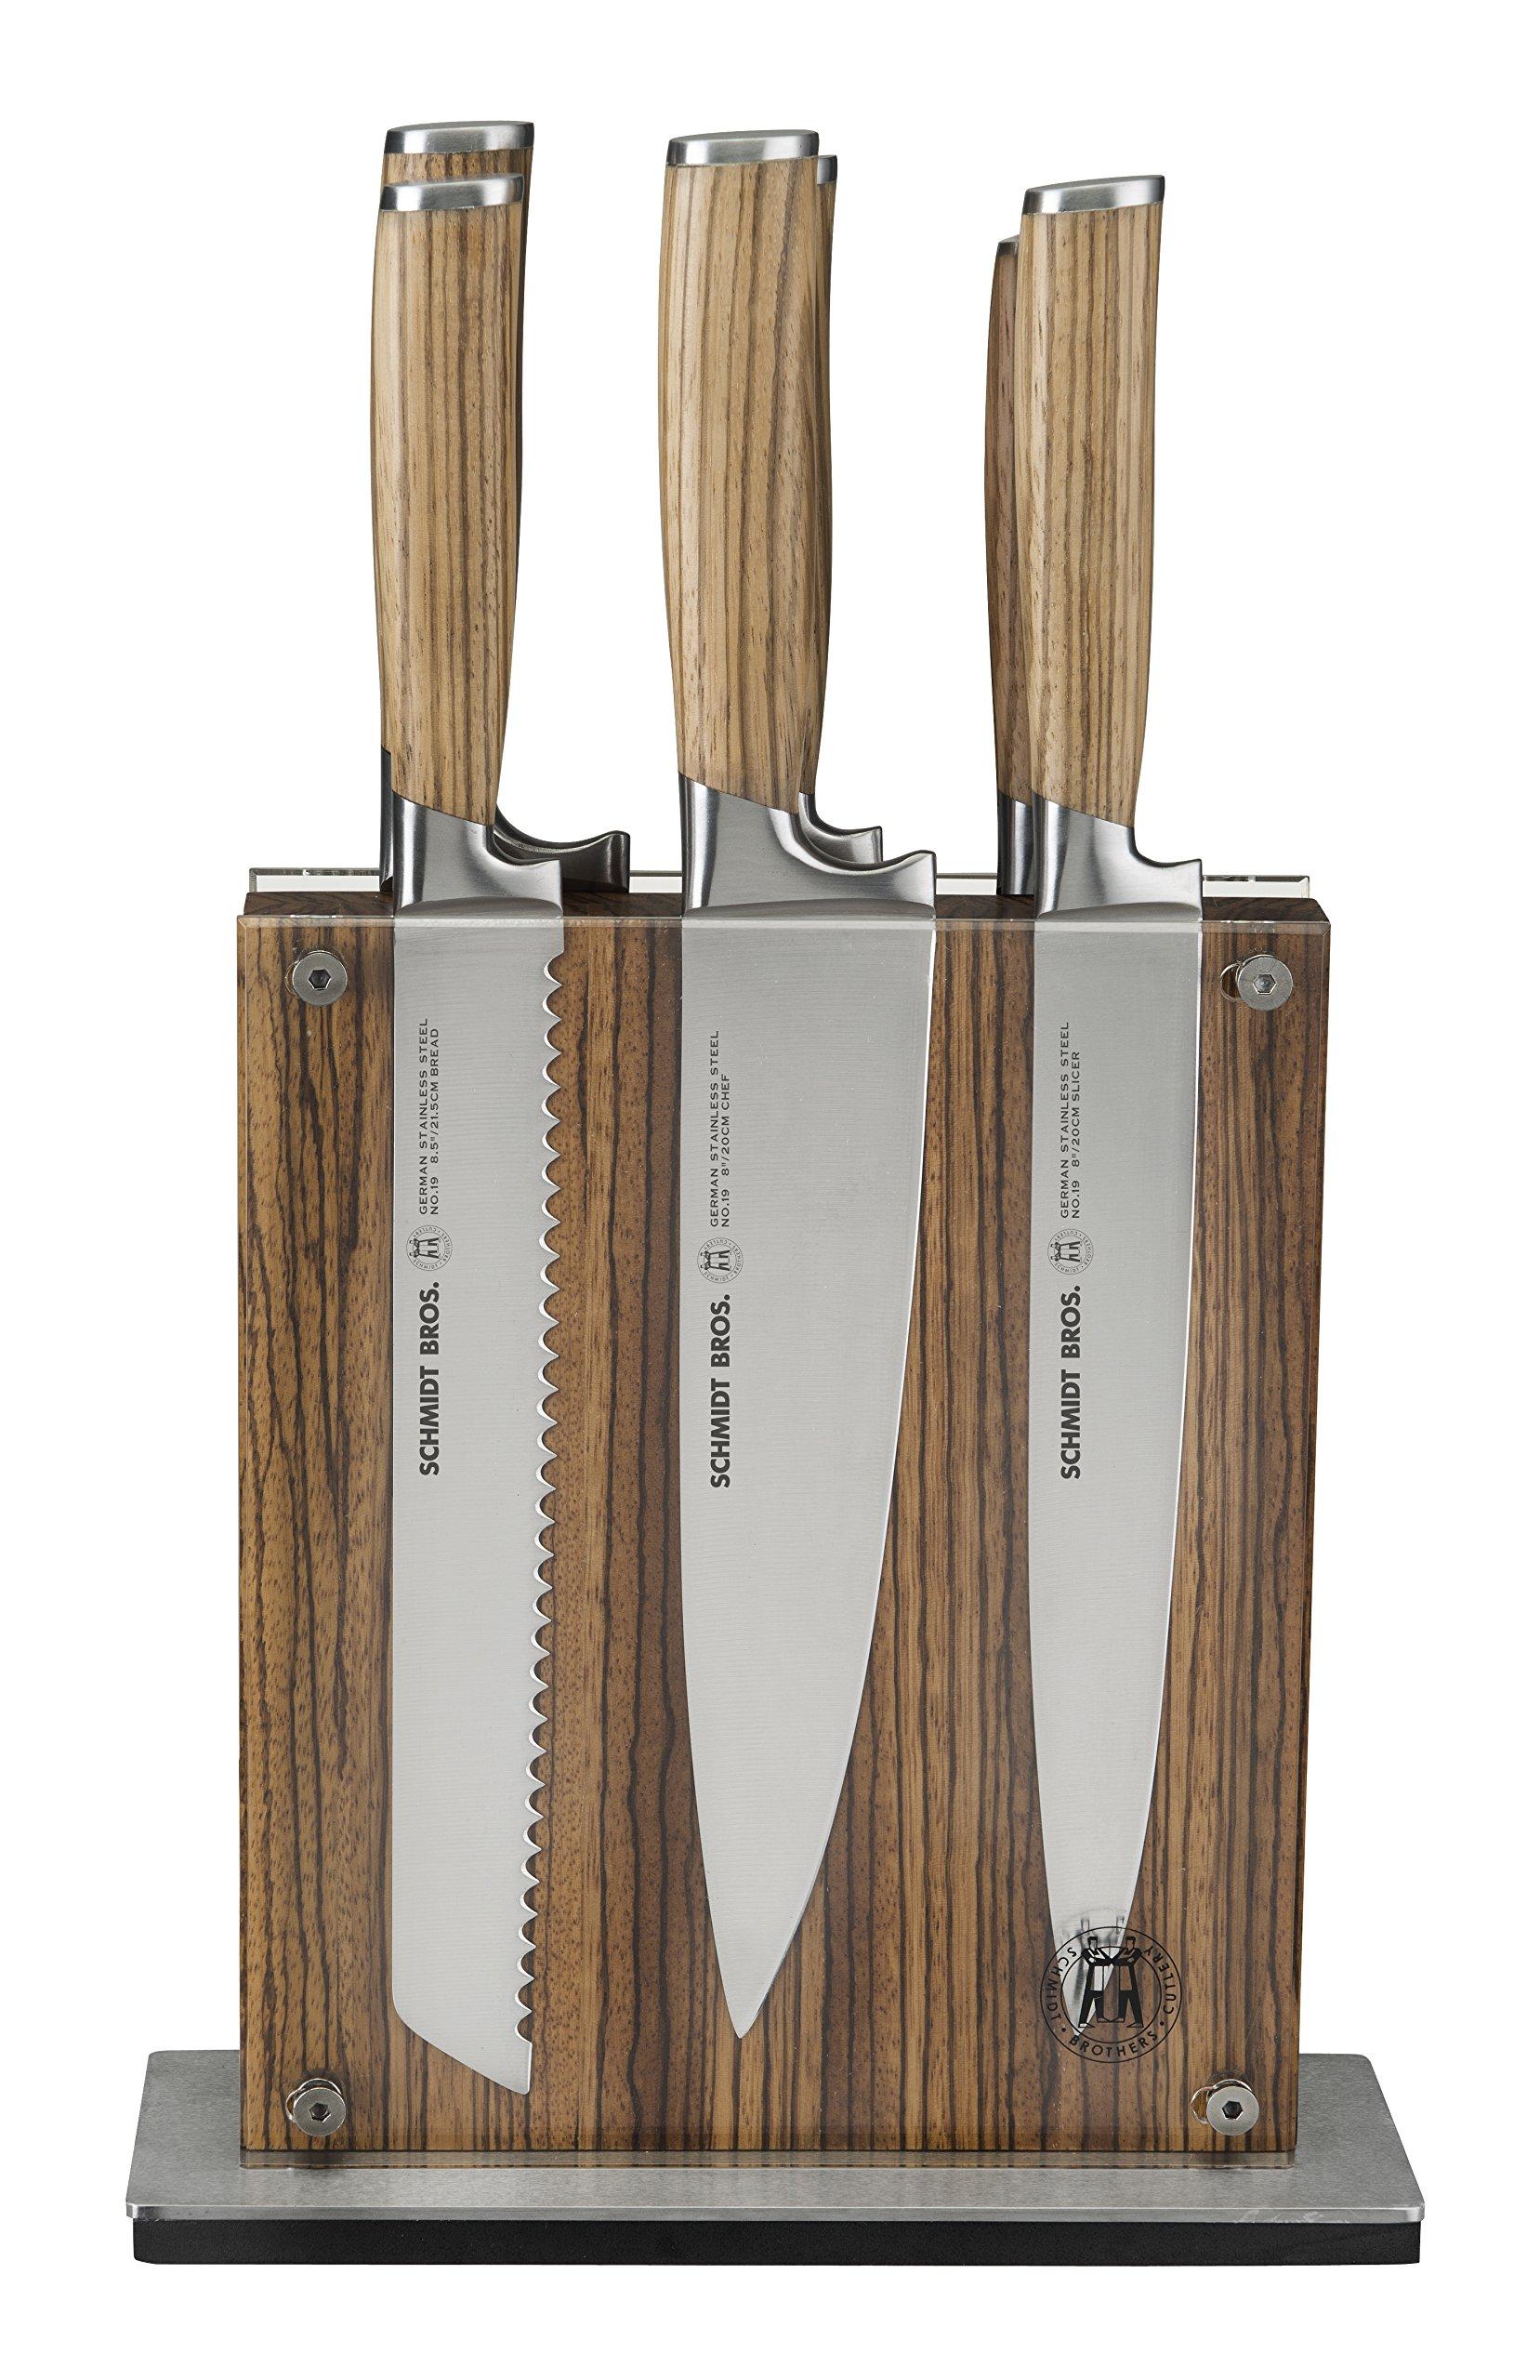 Hudson Home Schmidt Brothers Cutlery ,SZEWS07,#19 Zebra wood 7pc set